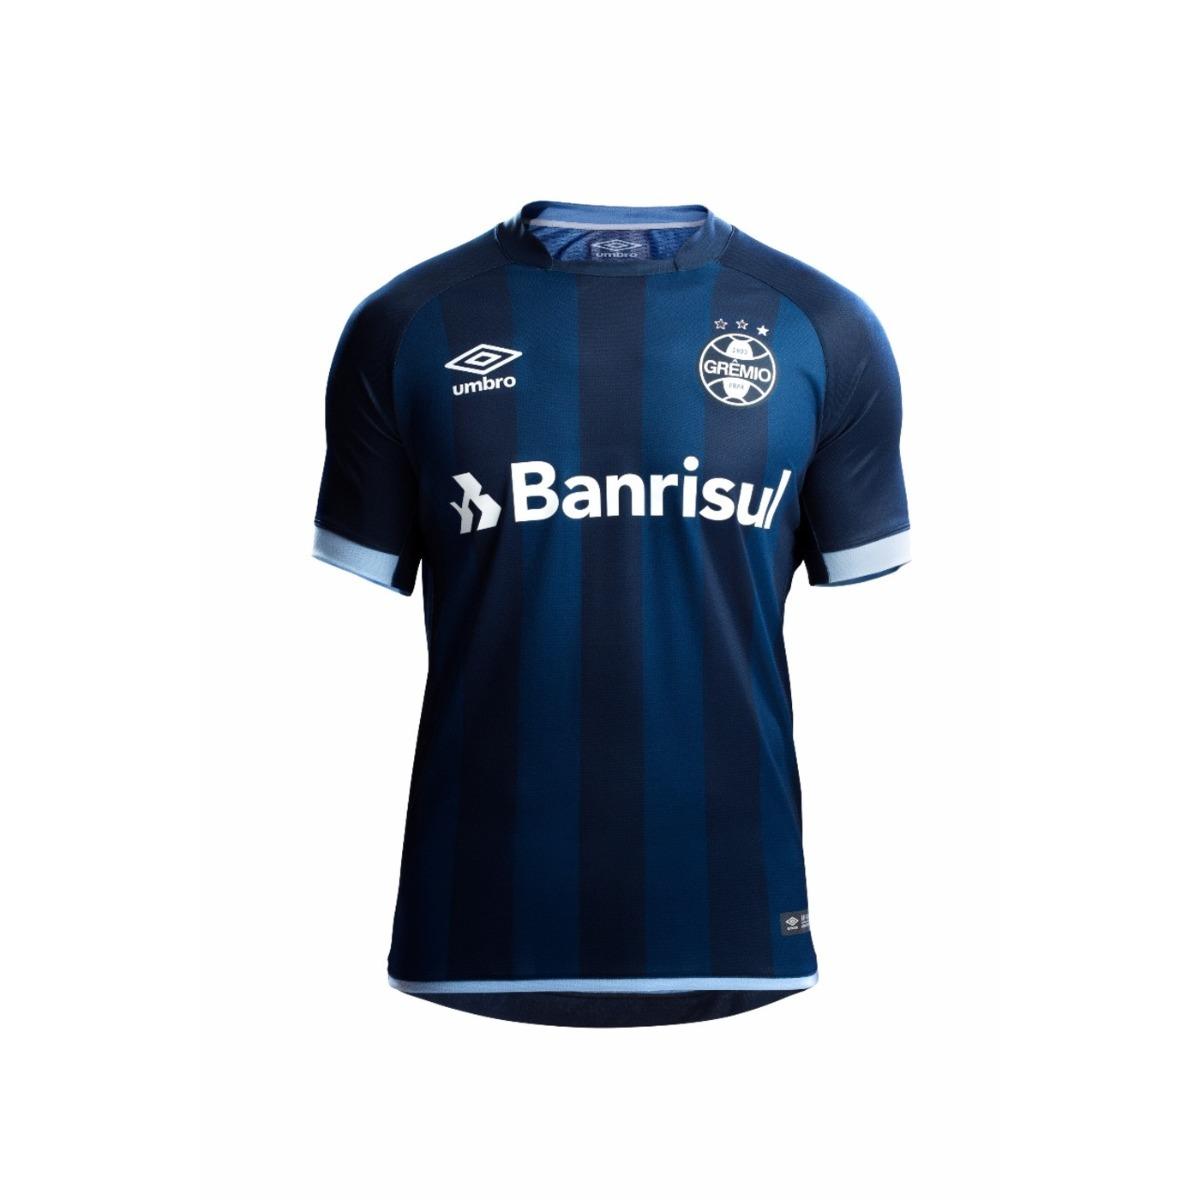 abbbe4cb30 Camiseta Do Grêmio 17 18 - Geromel